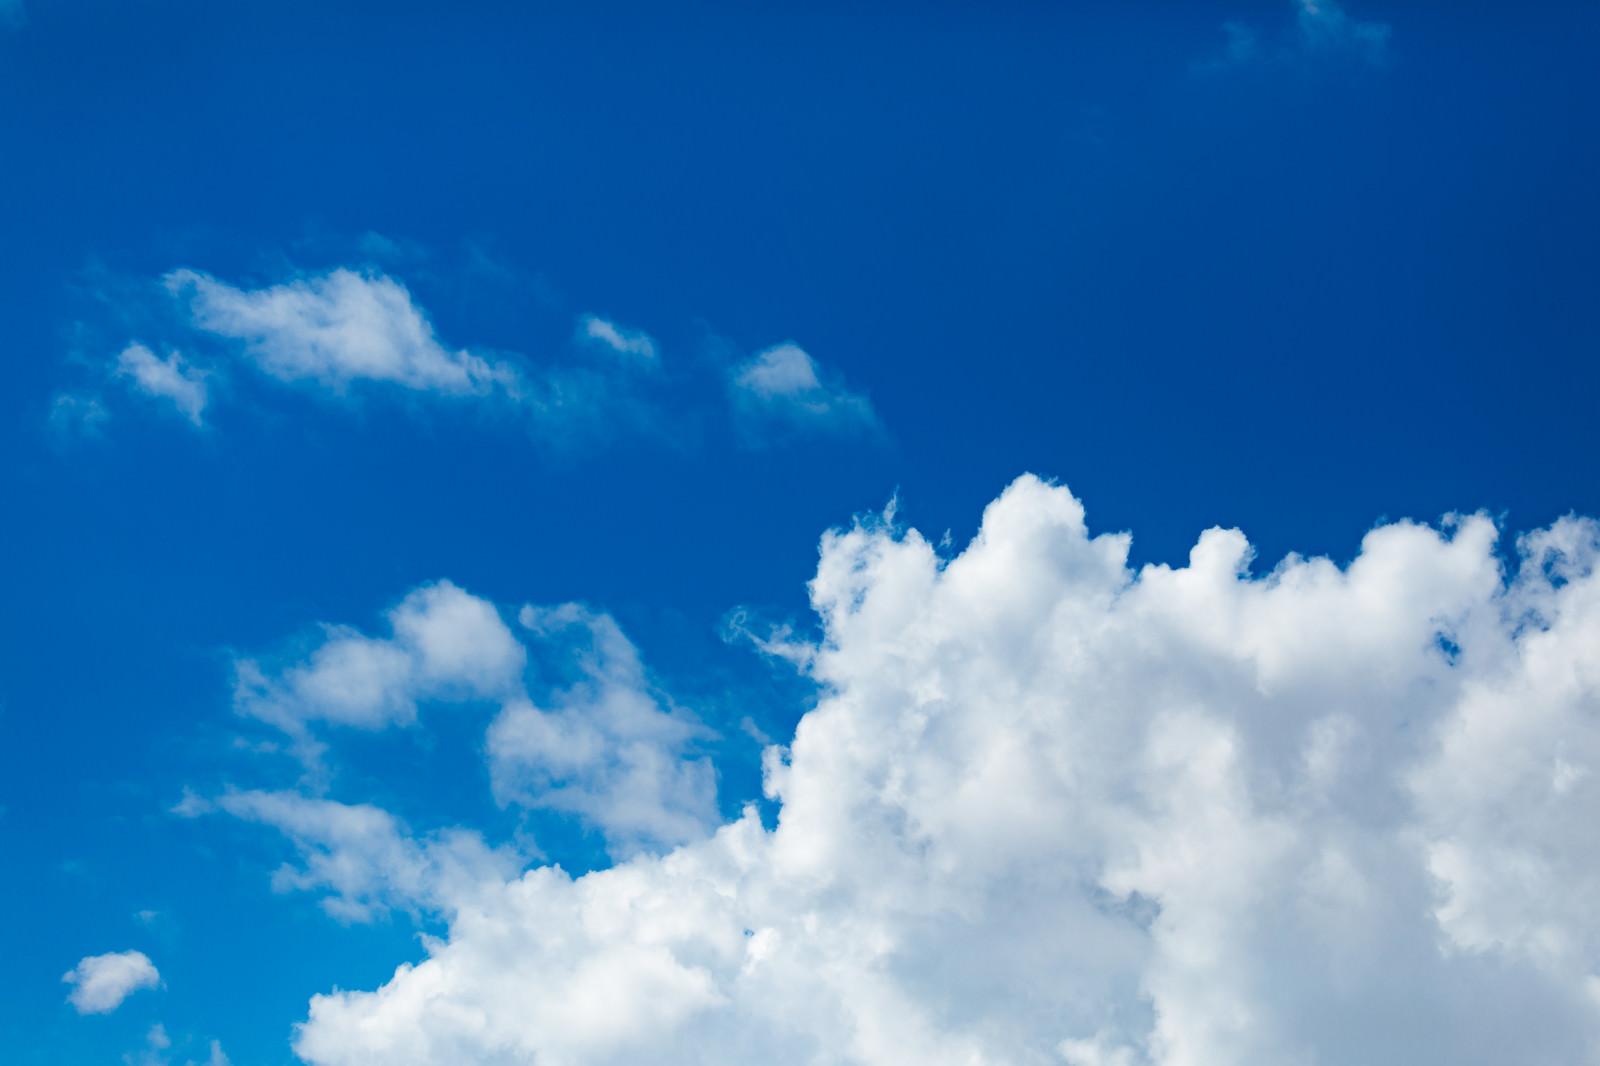 「真夏空と雲真夏空と雲」のフリー写真素材を拡大